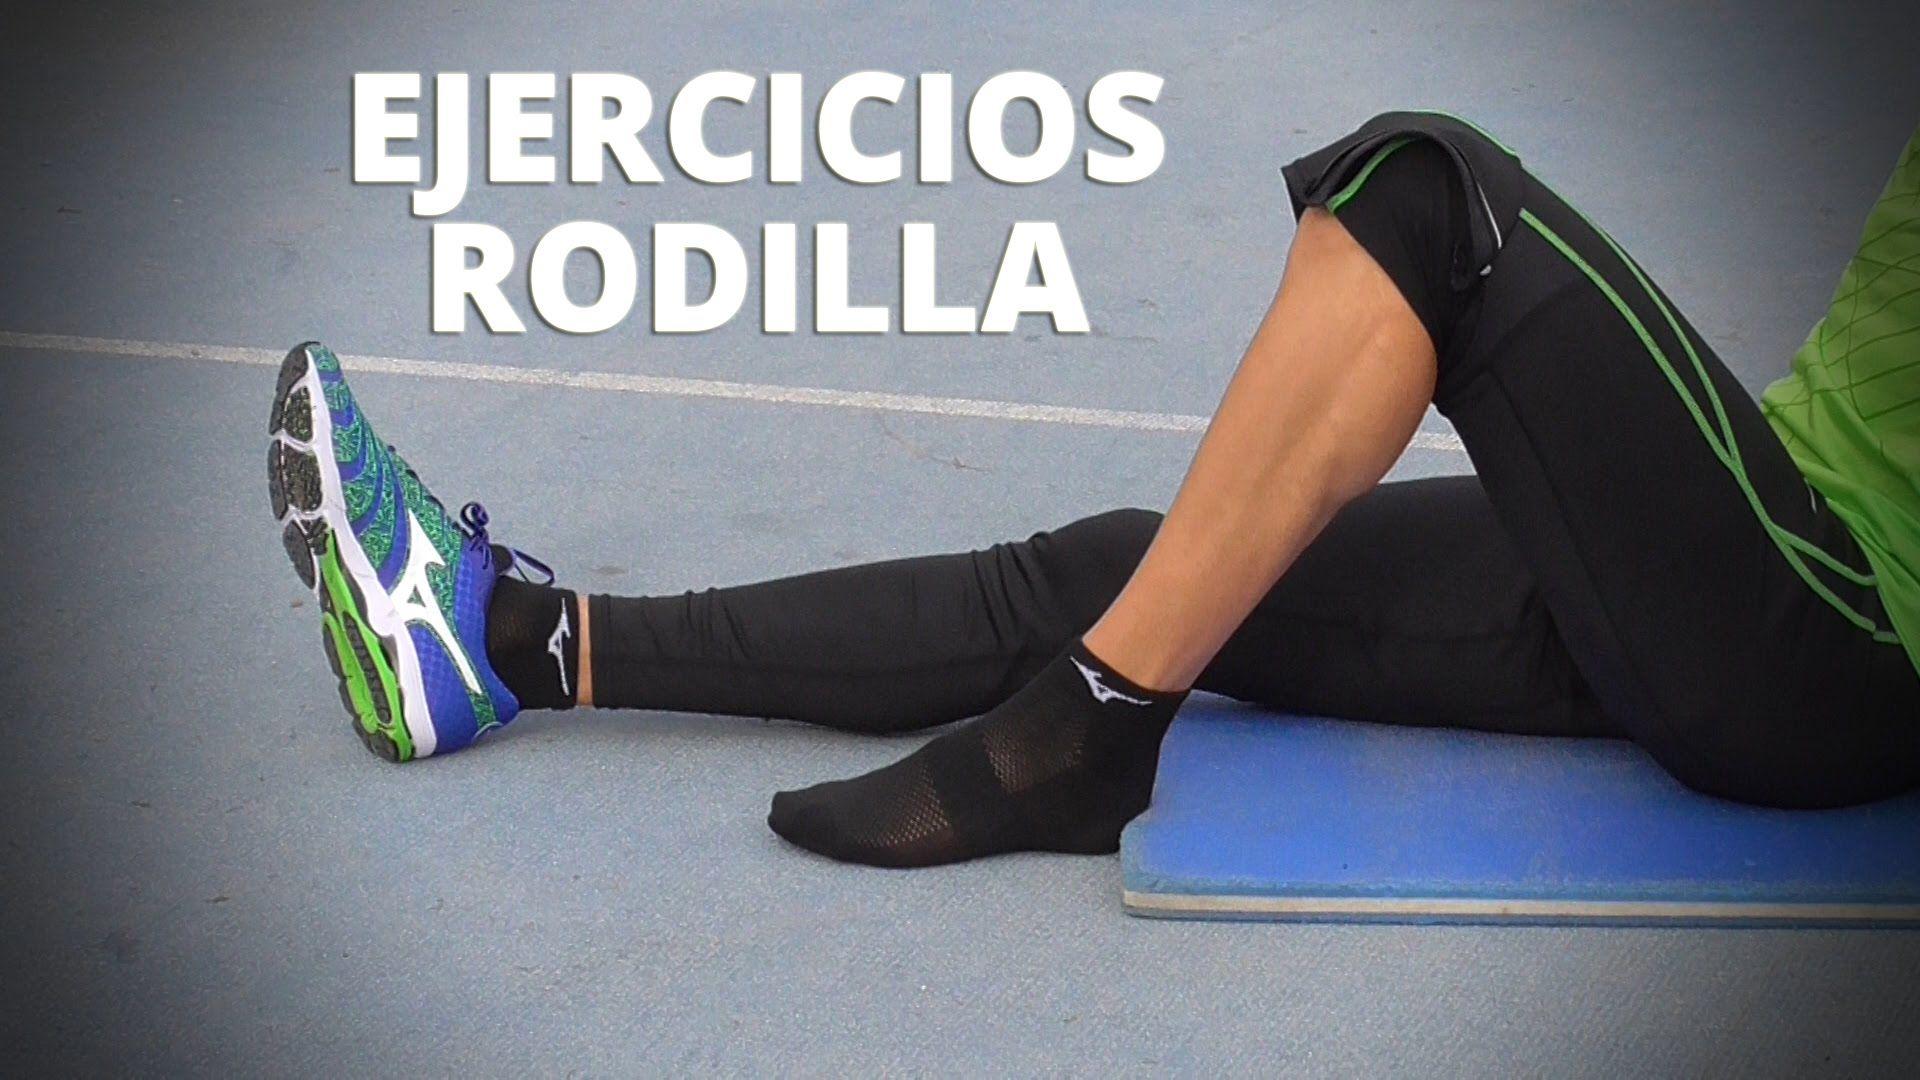 Cómo Recuperarse De Una Condromalacia Rotuliana Ejercicios Para Rodillas Condromalacia Rotuliana Condromalacia